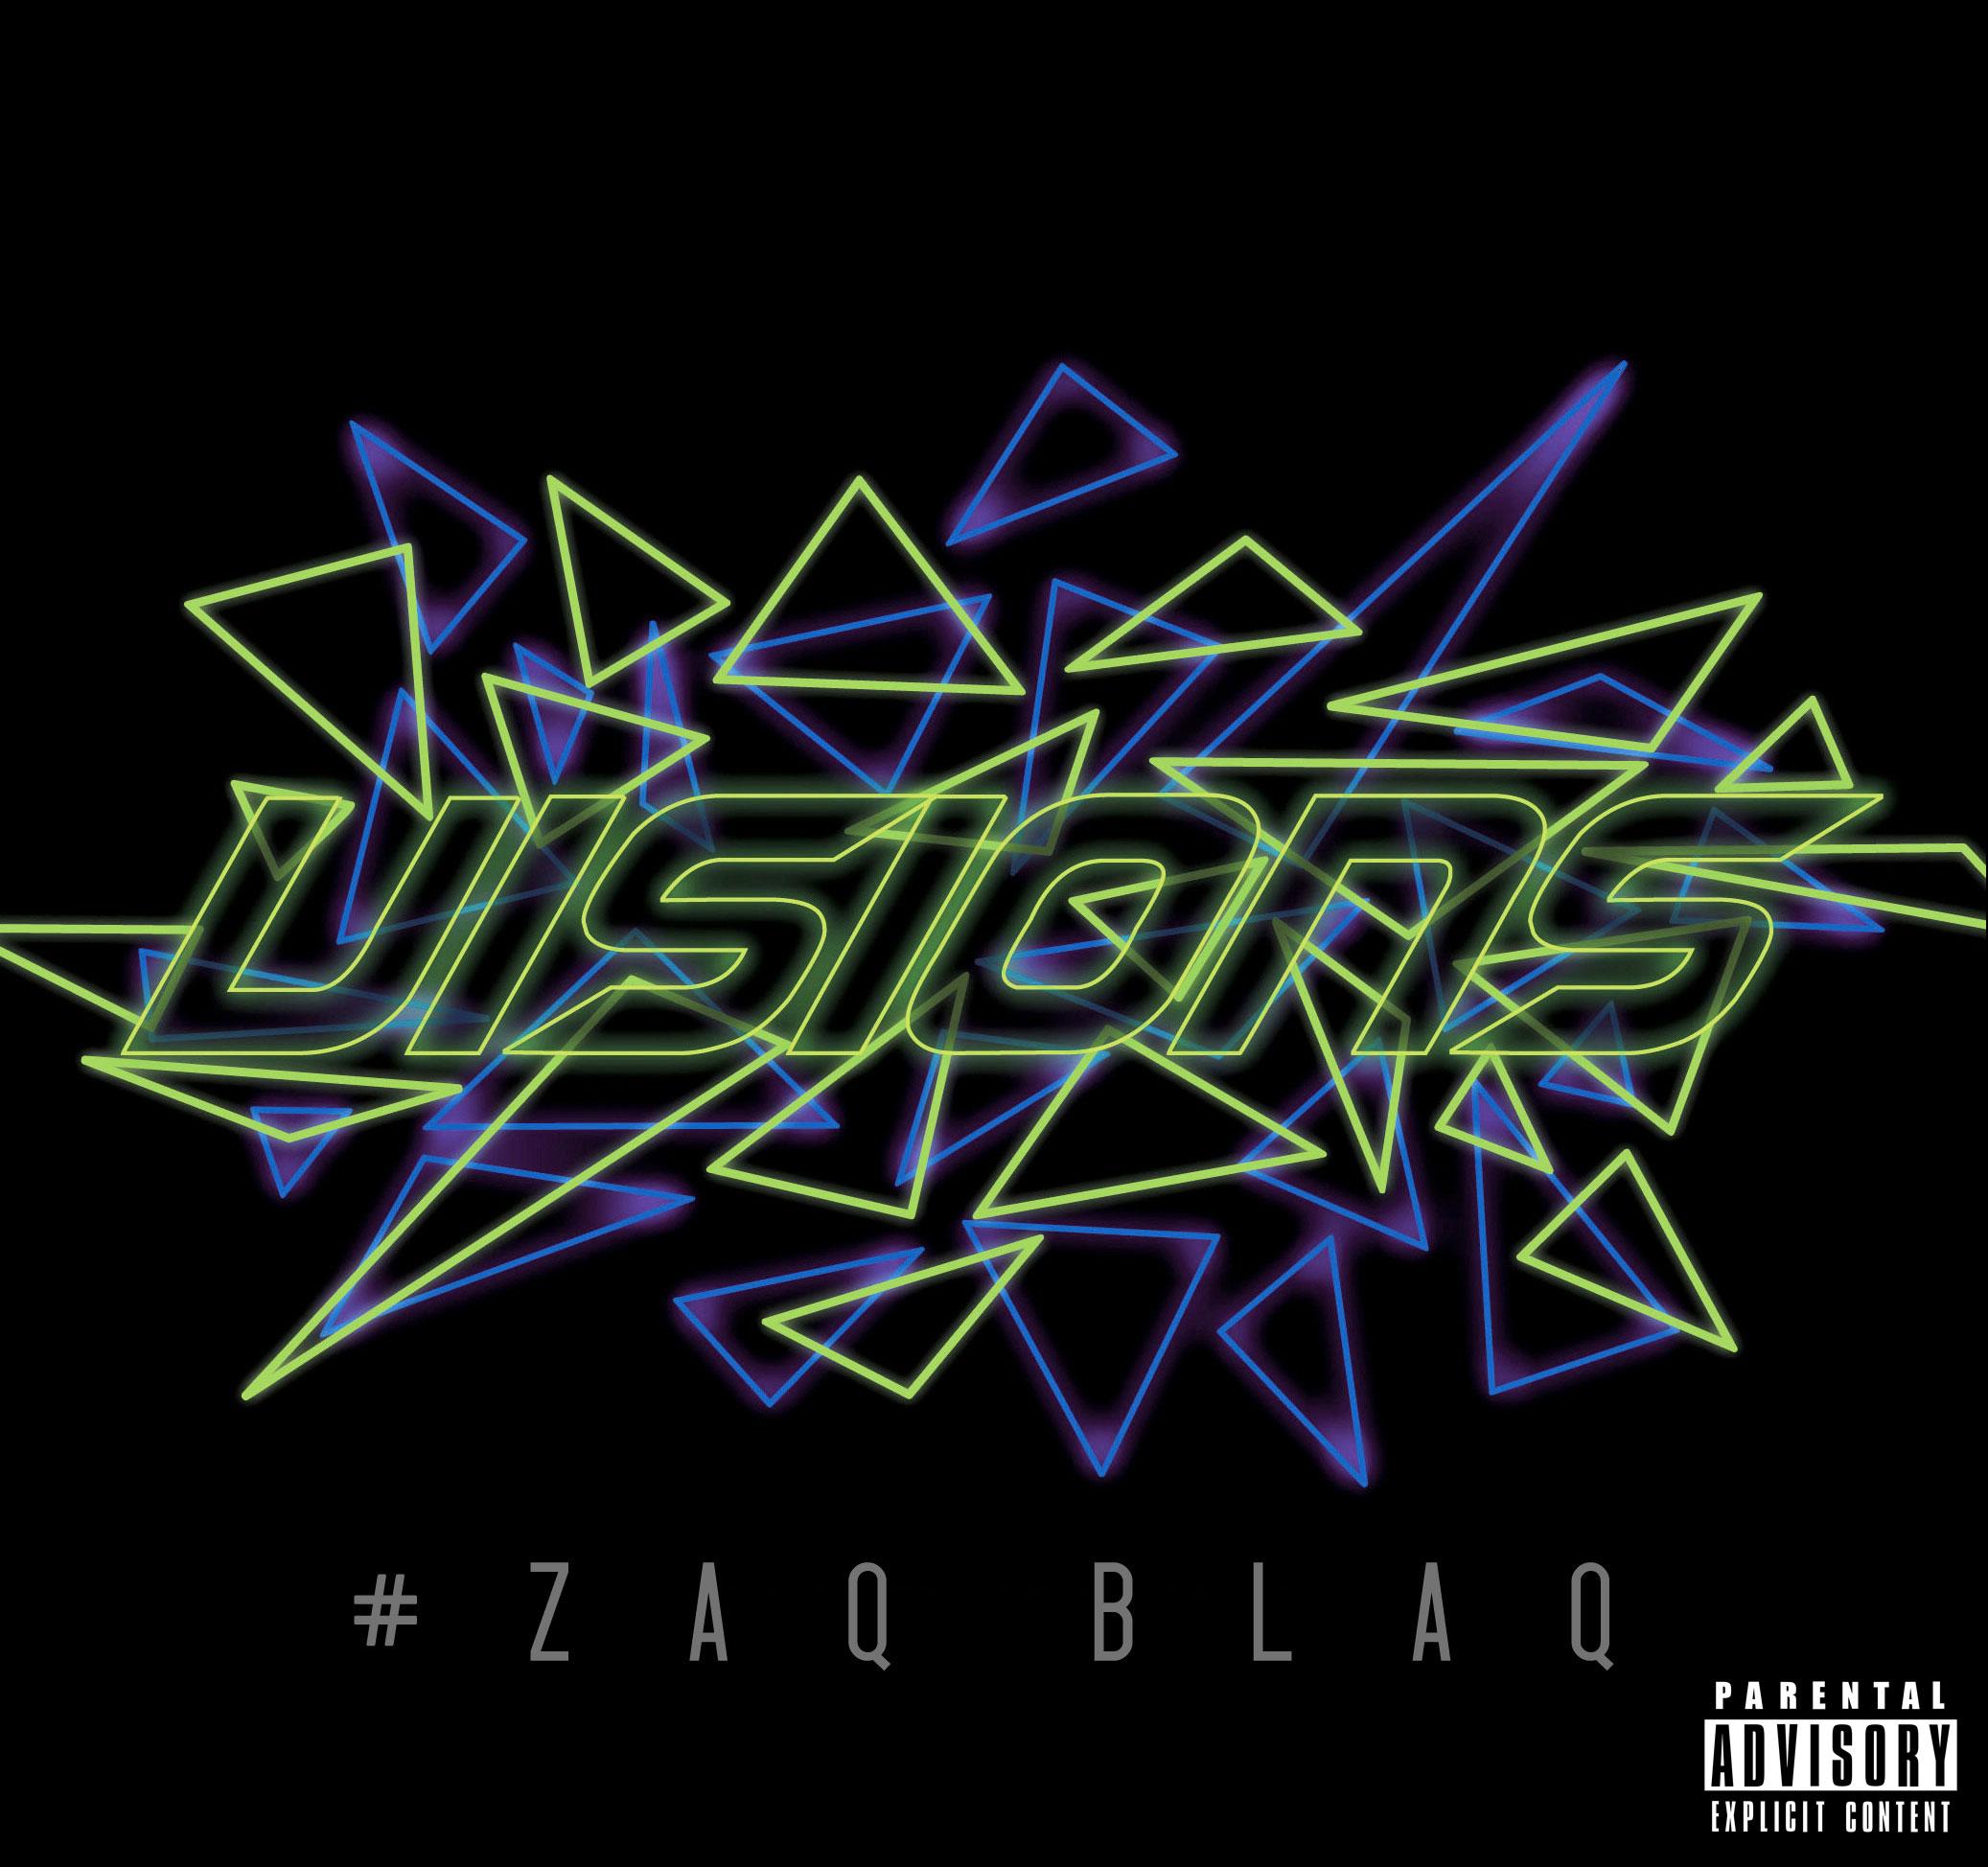 Visions-album-art